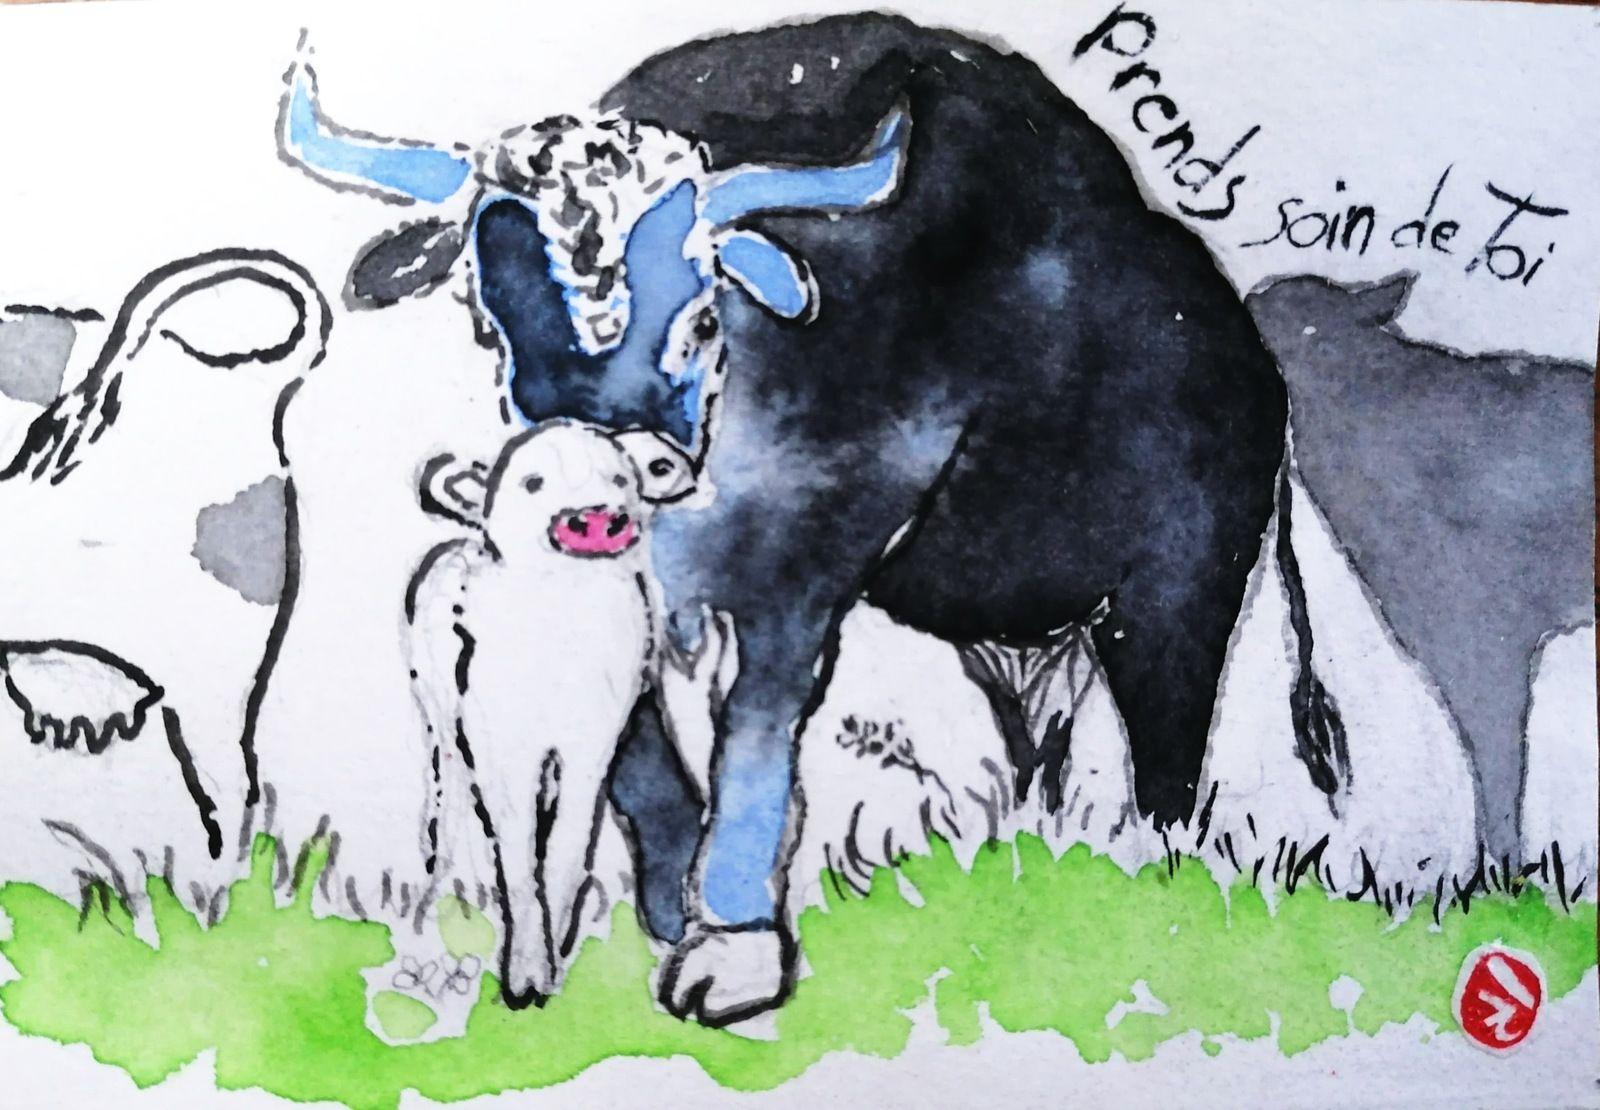 Boeufs et vaches, voeux de nouvelles année